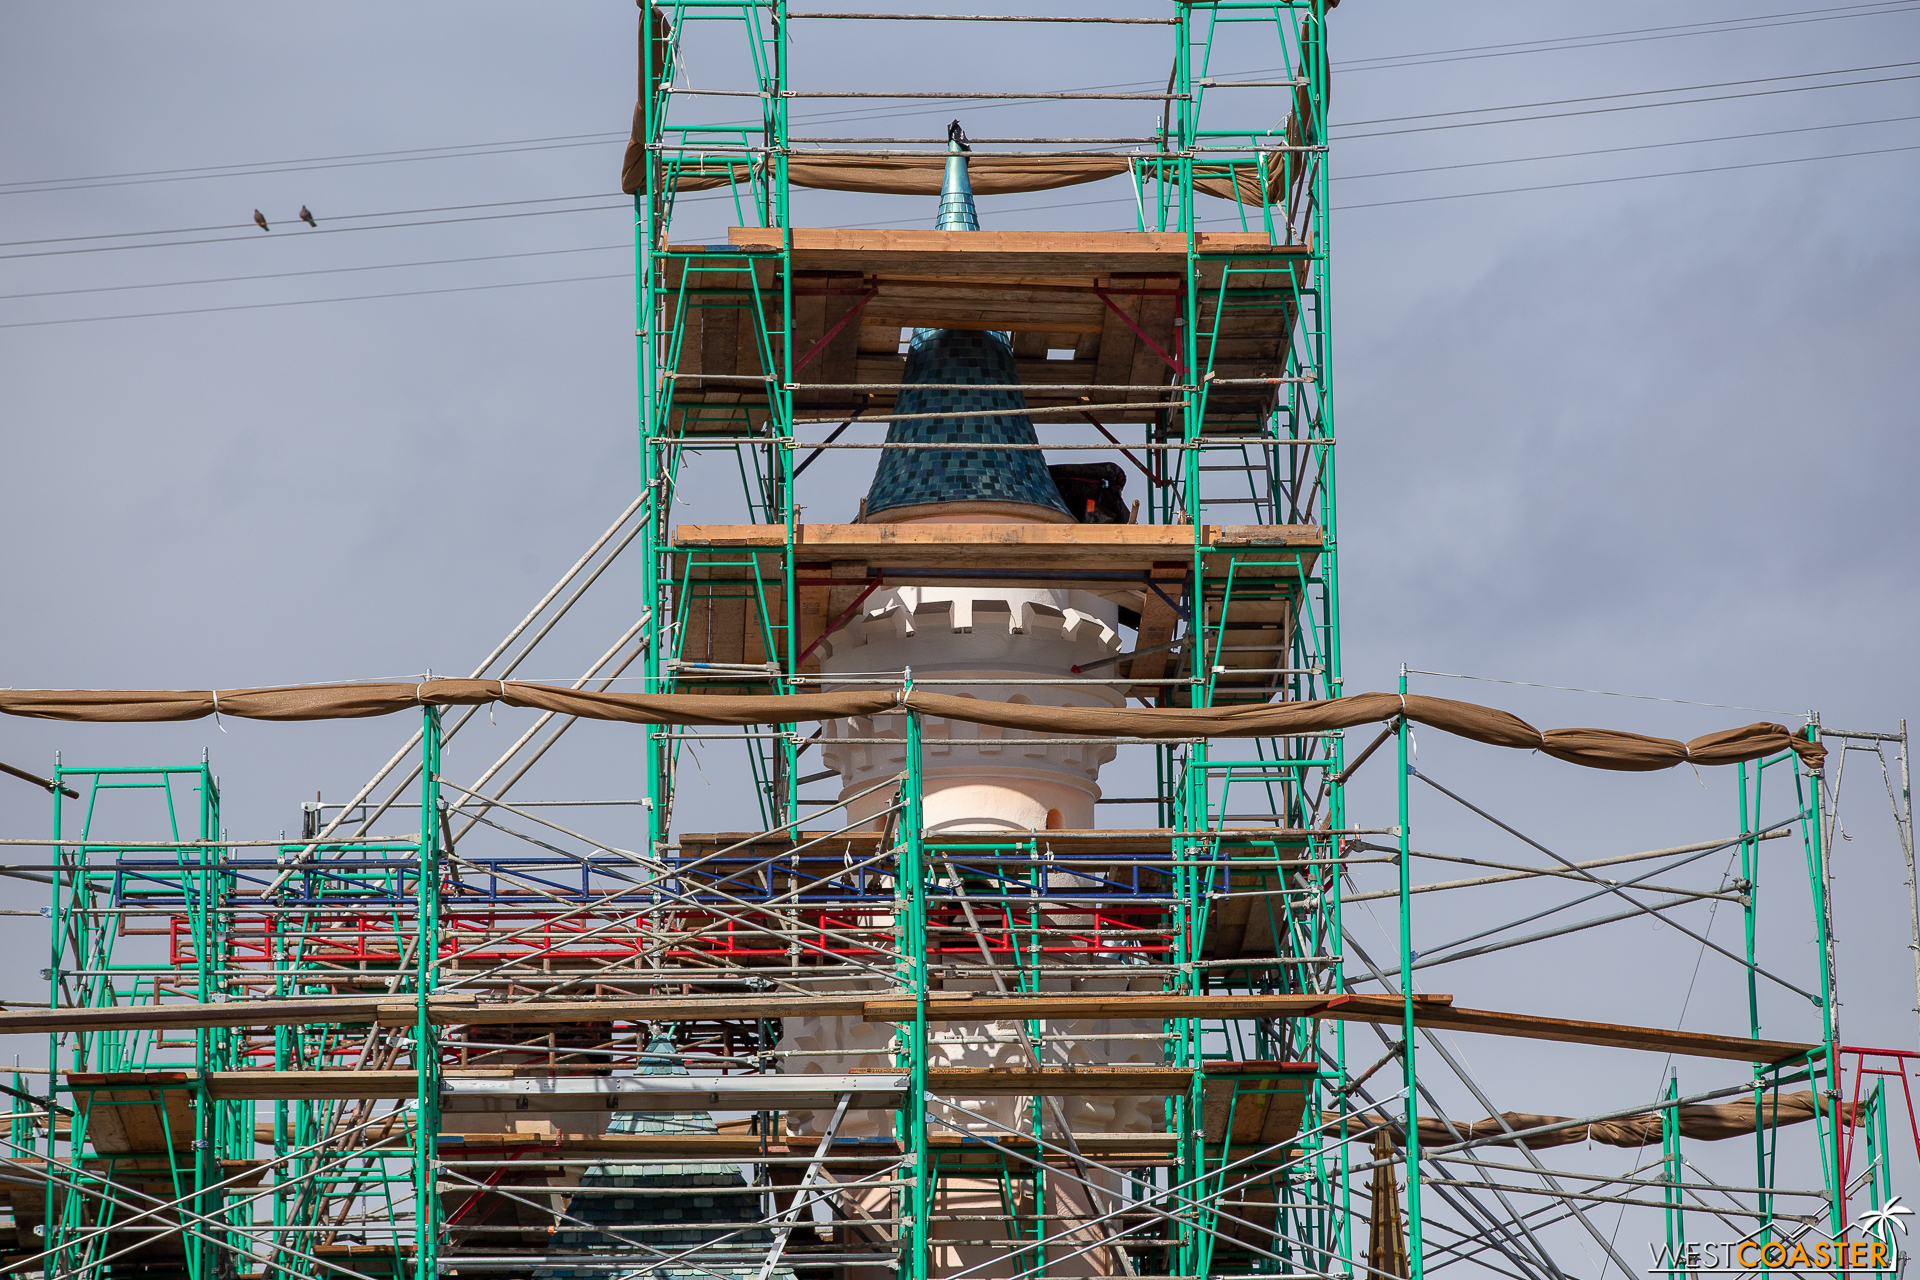 Westcoaster Disneyland Update 2-19-10.jpg